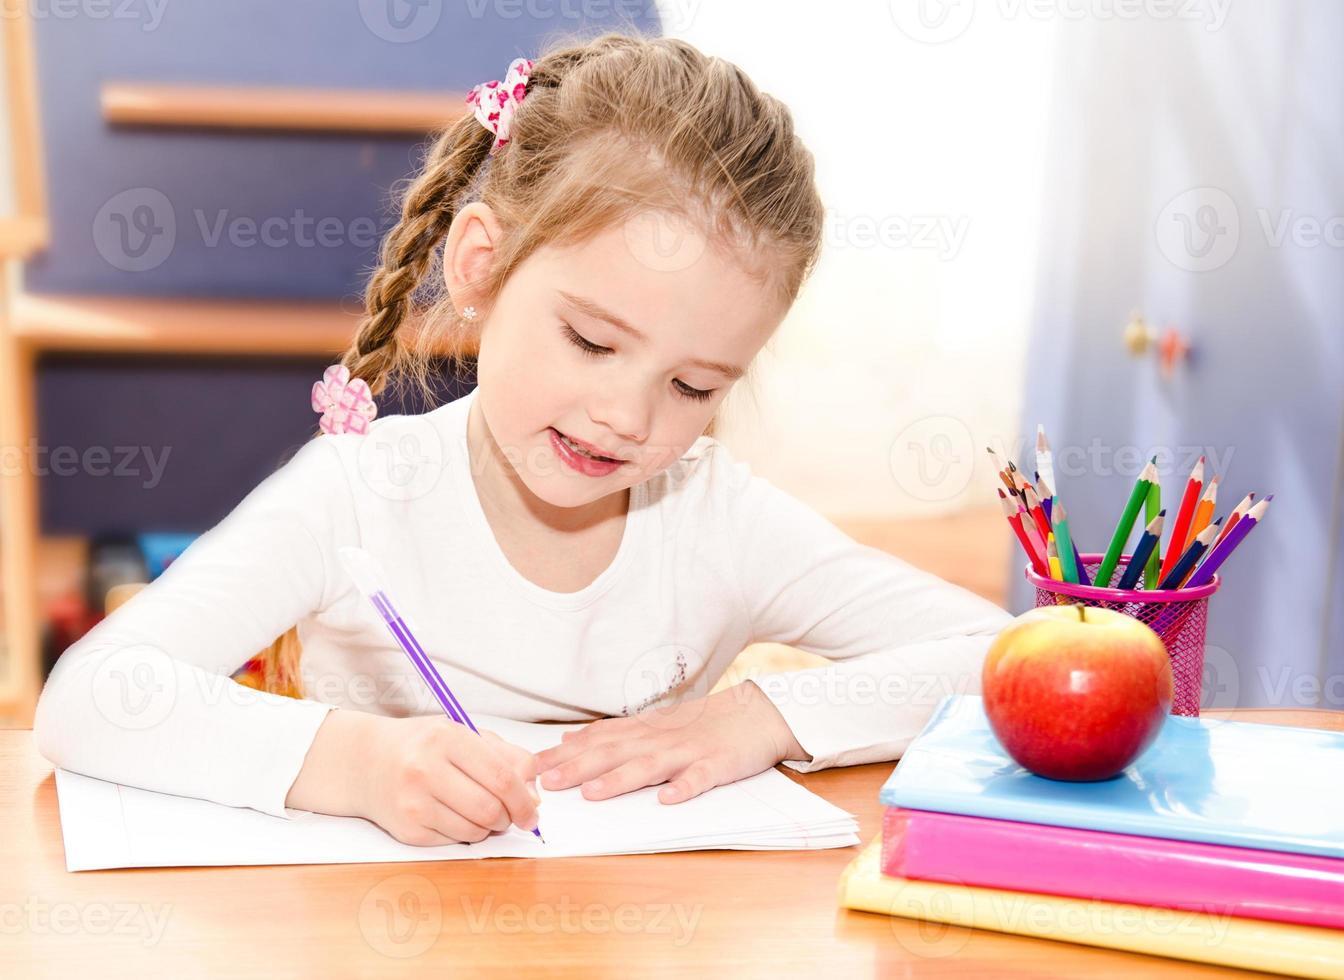 süßes lächelndes kleines Mädchen schreibt am Schreibtisch foto